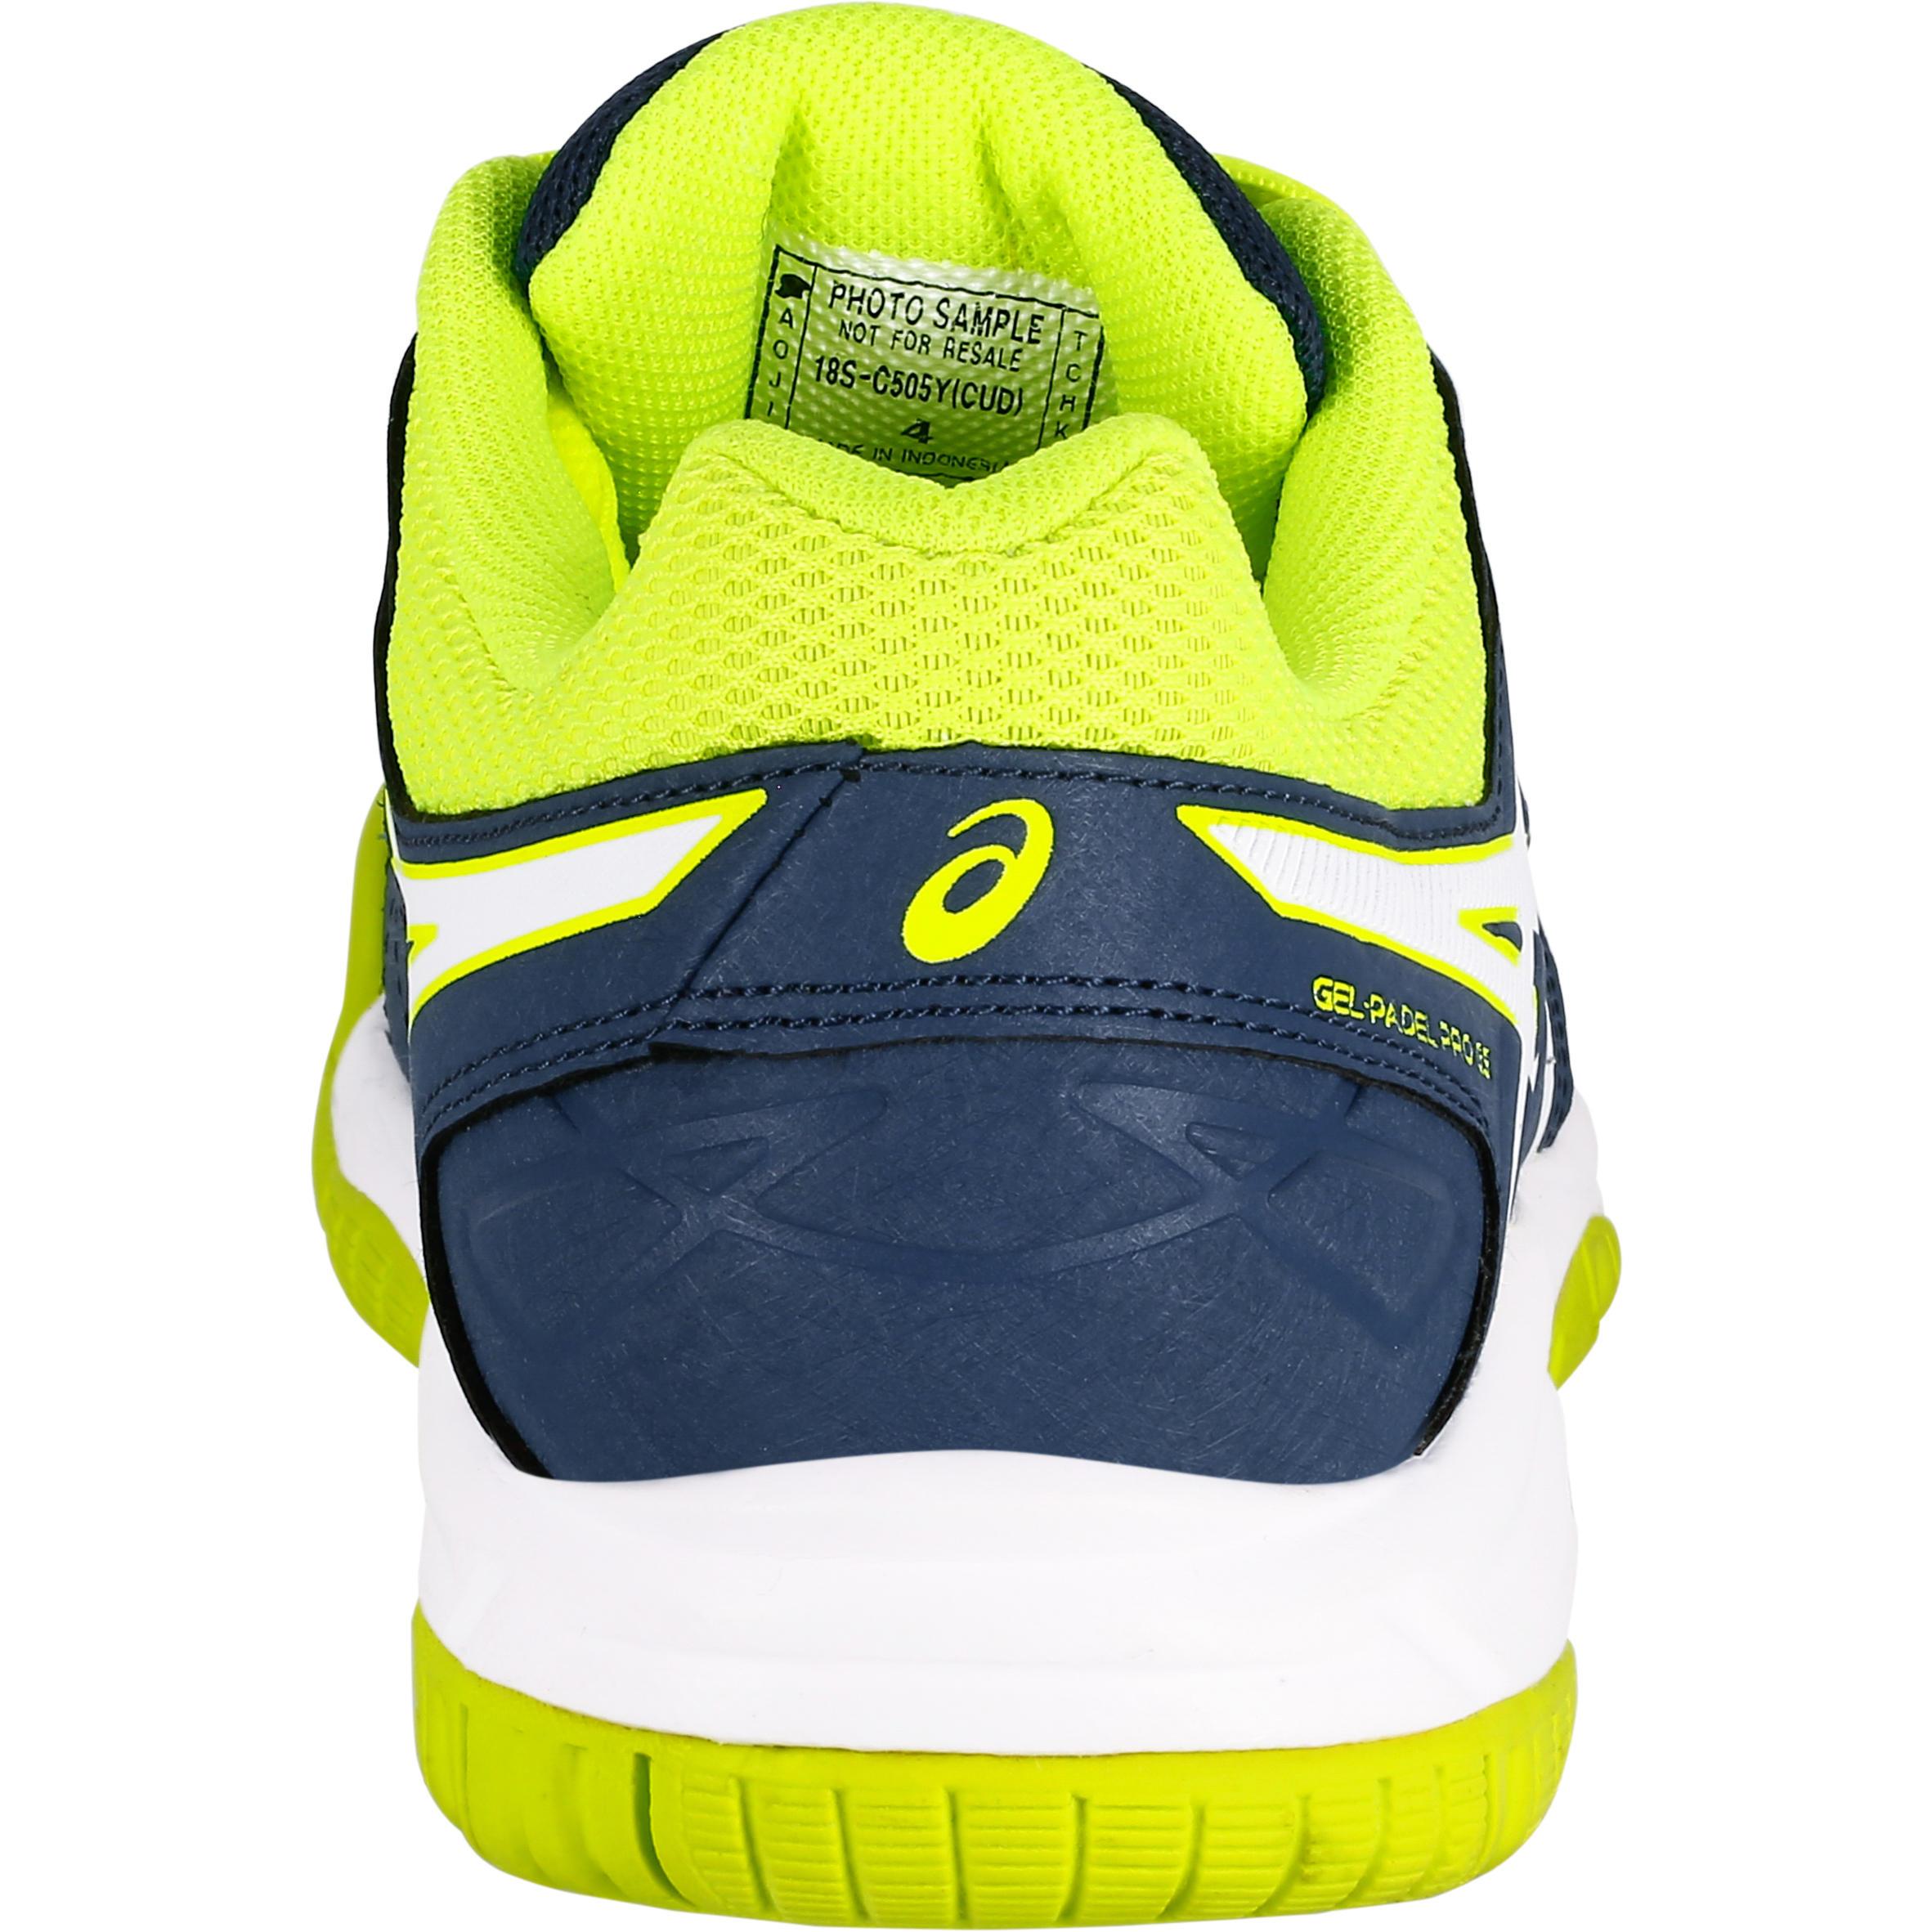 Chaussures Asics Jaune Pro Jr Decathlon Tennis Bleu Gel De Enfant rqt1T8wrS